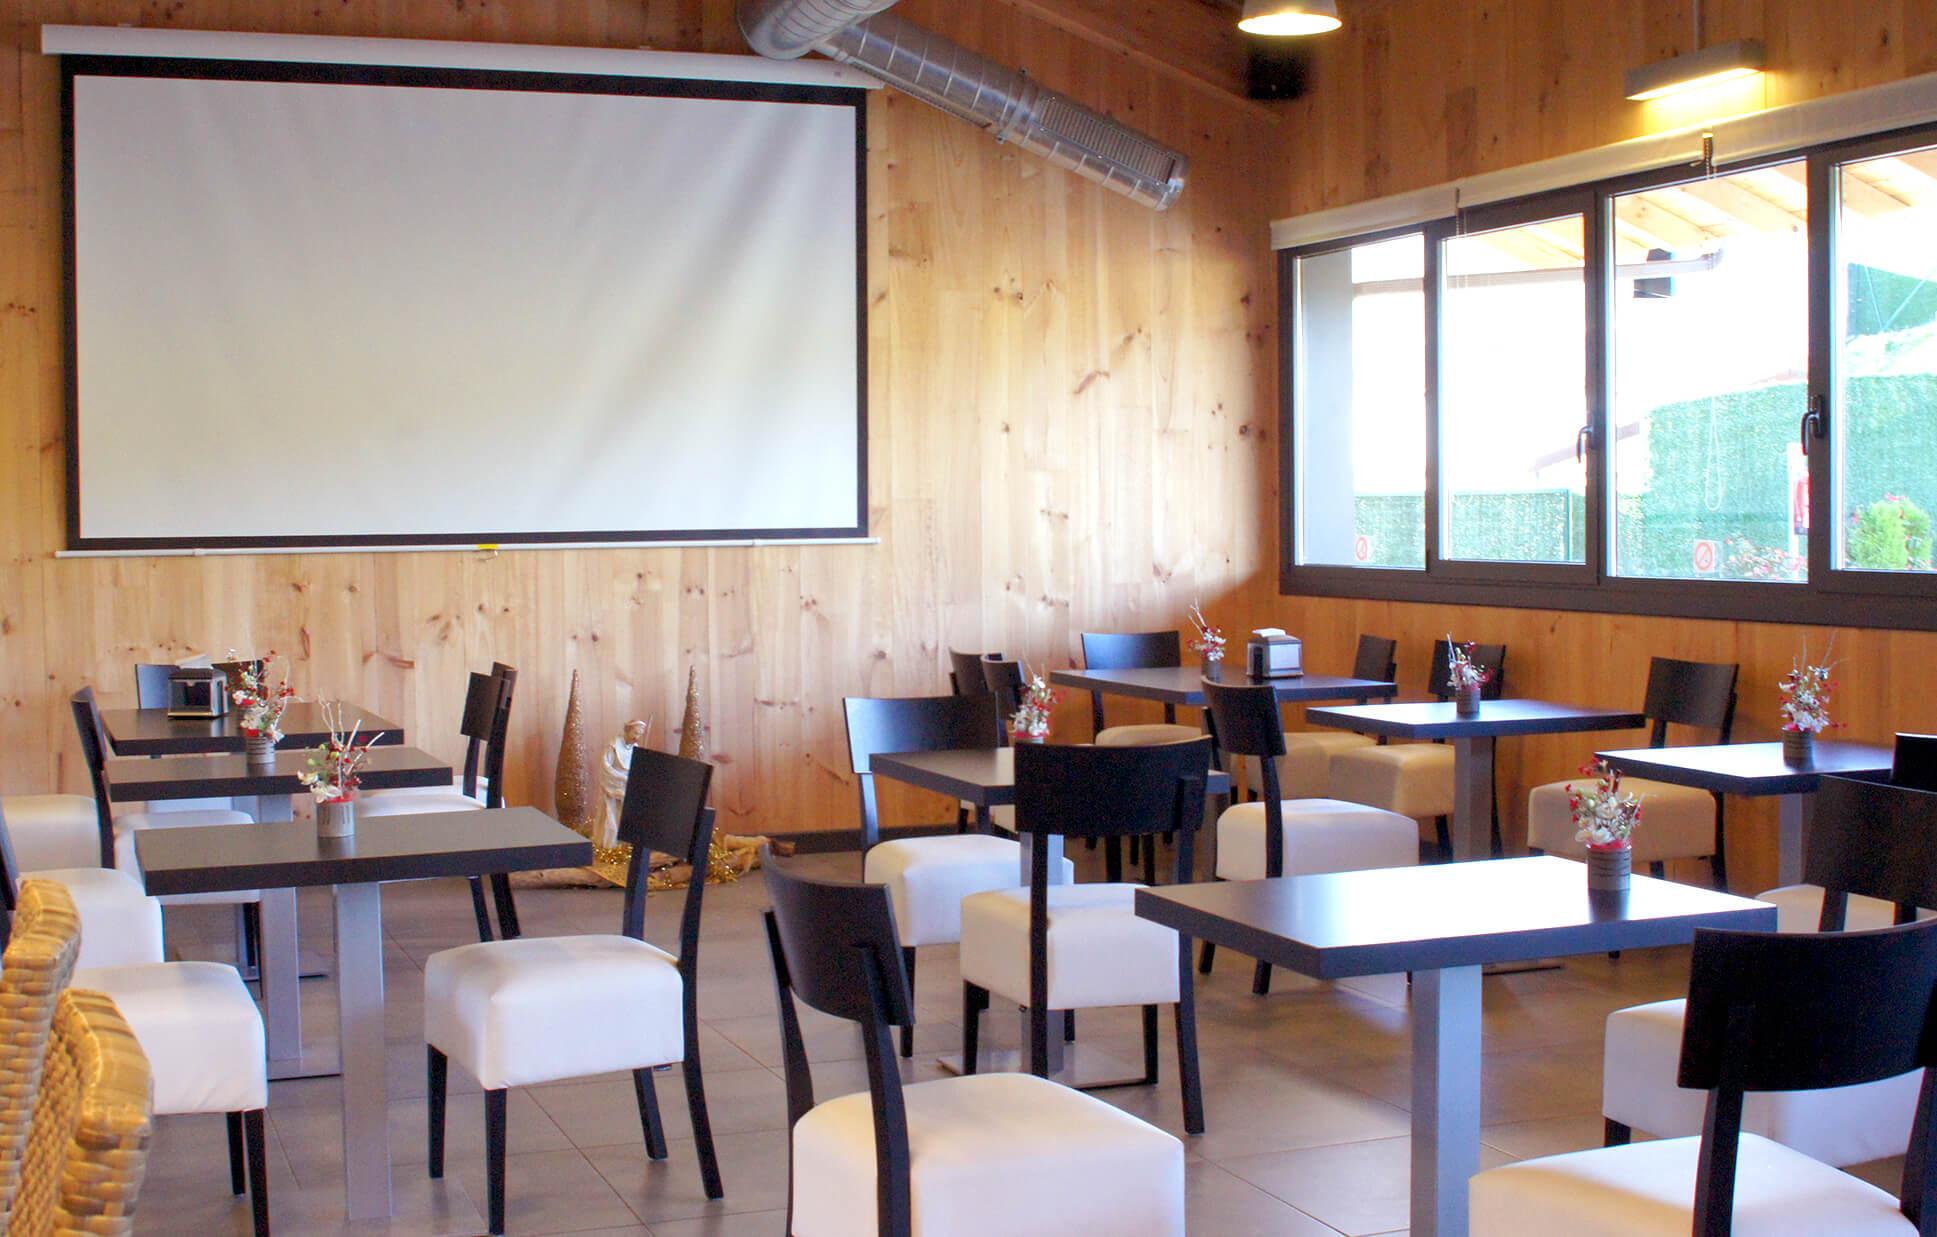 proyector y pantalla para presentaciones